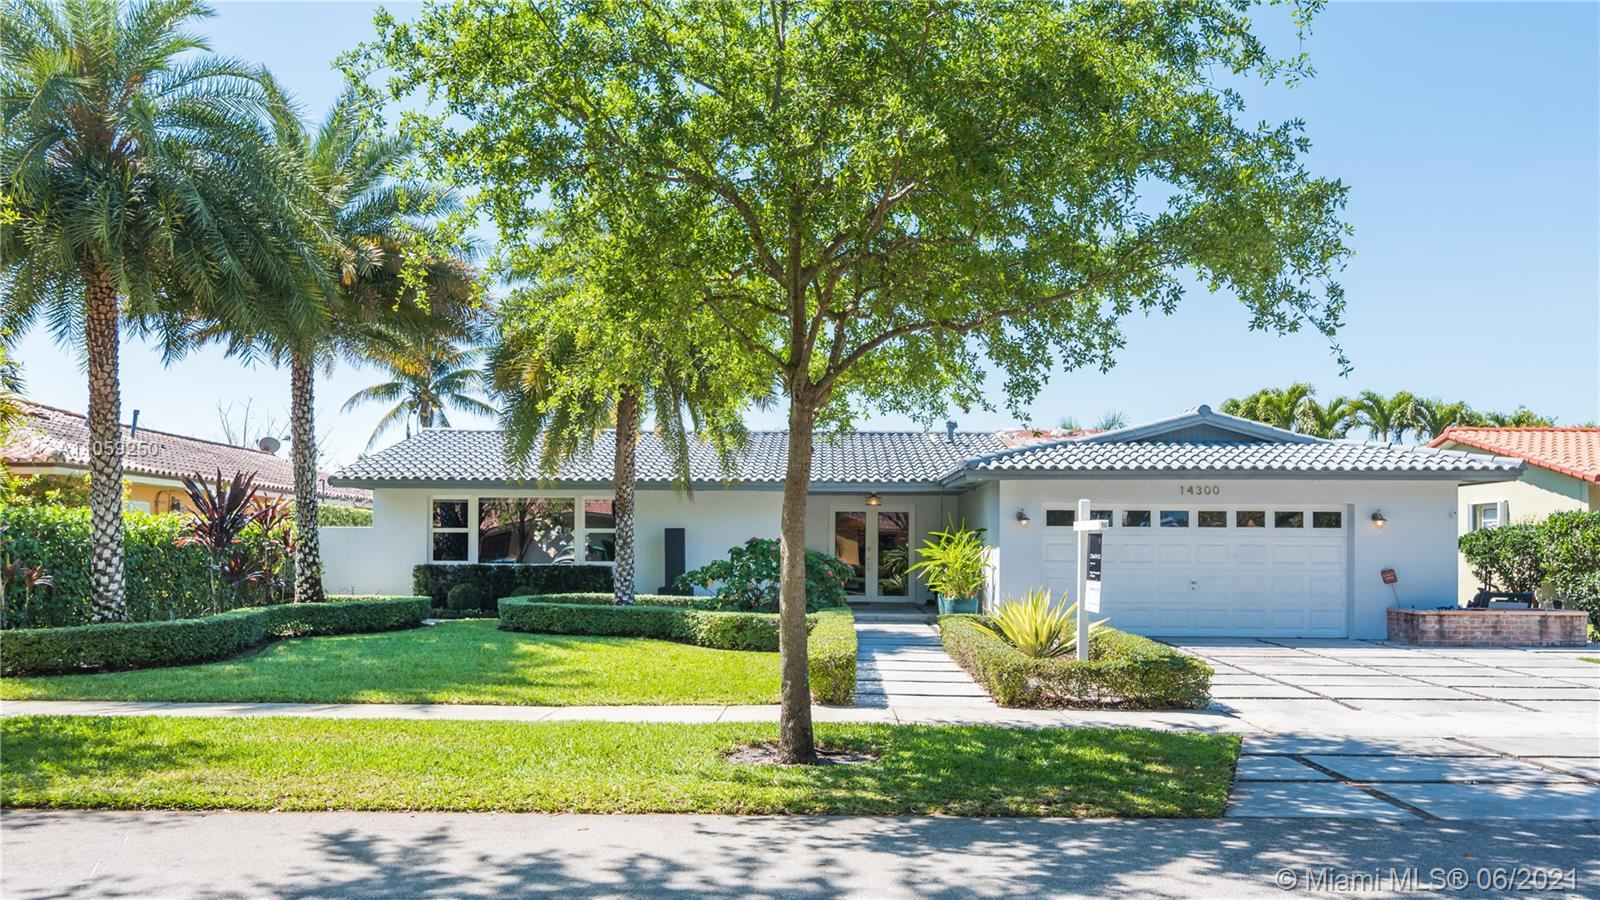 14300 Cypress Ct, Miami Lakes, FL 33014 - #: A11059250